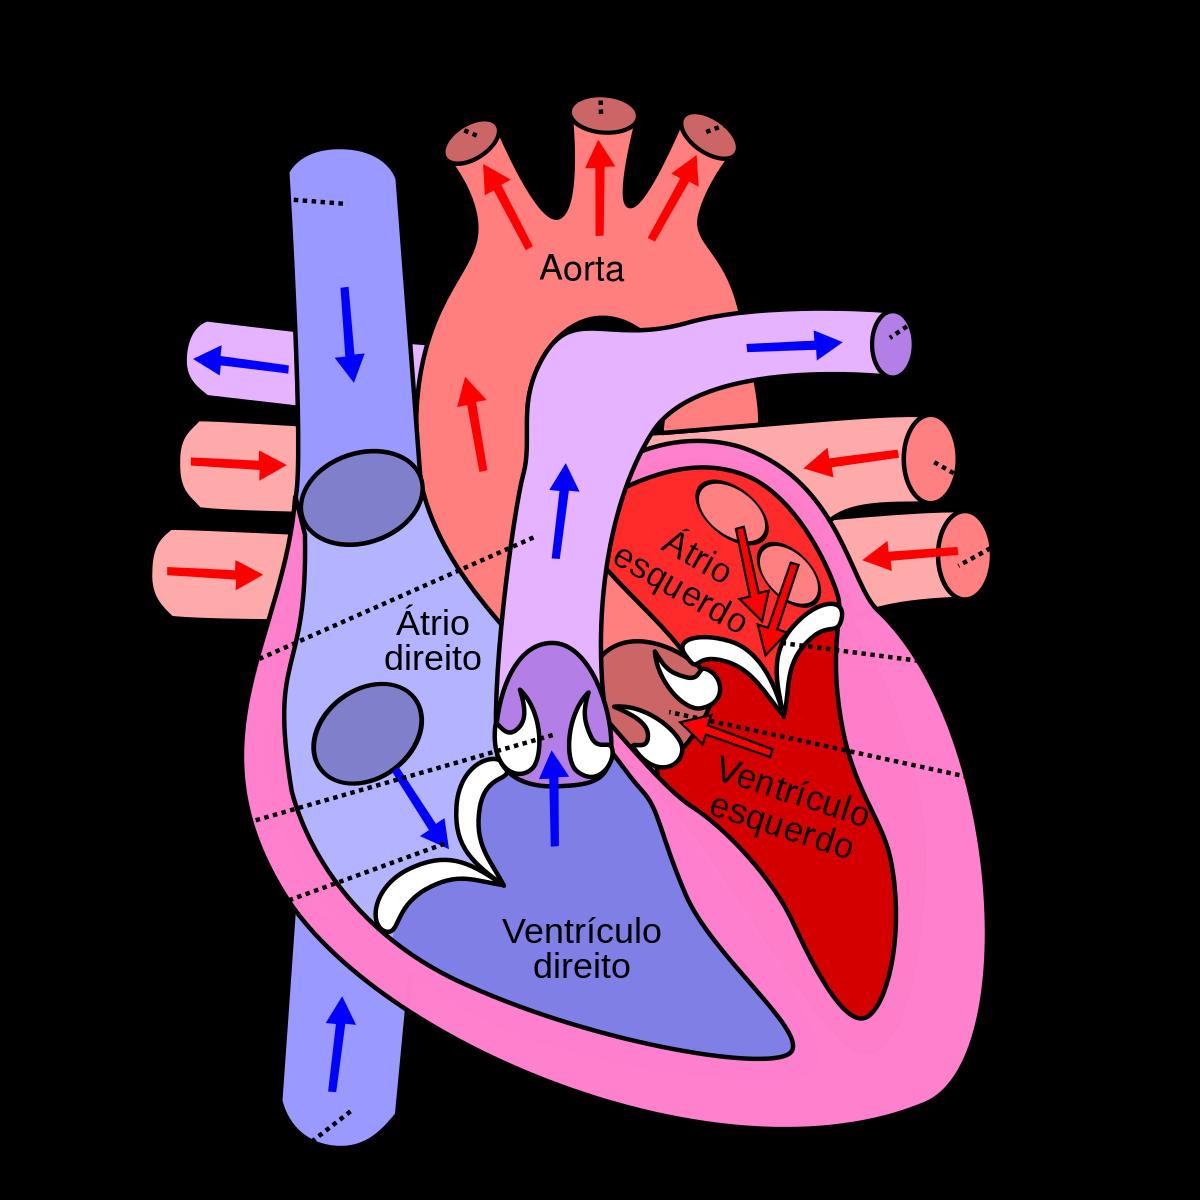 Válvula aórtica – Wikipédia, a enciclopédia livre | mapas mentais ...